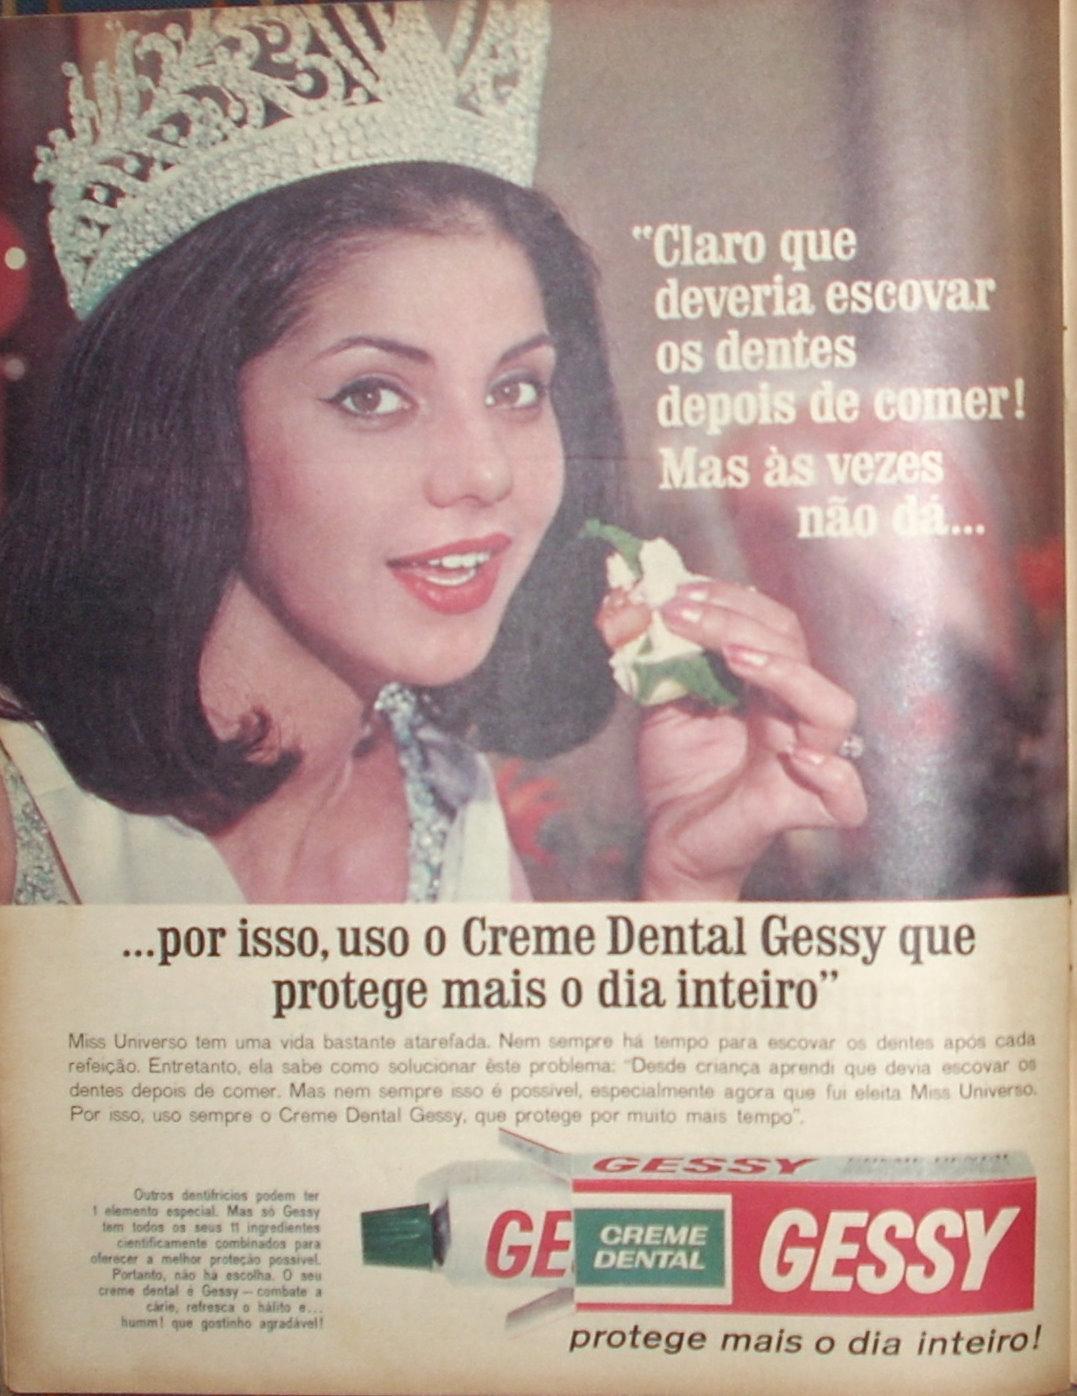 ✾◕‿◕✾ Galeria de Ieda Maria Vargas, Miss Universe 1963.✾◕‿◕✾ - Página 4 Propag12